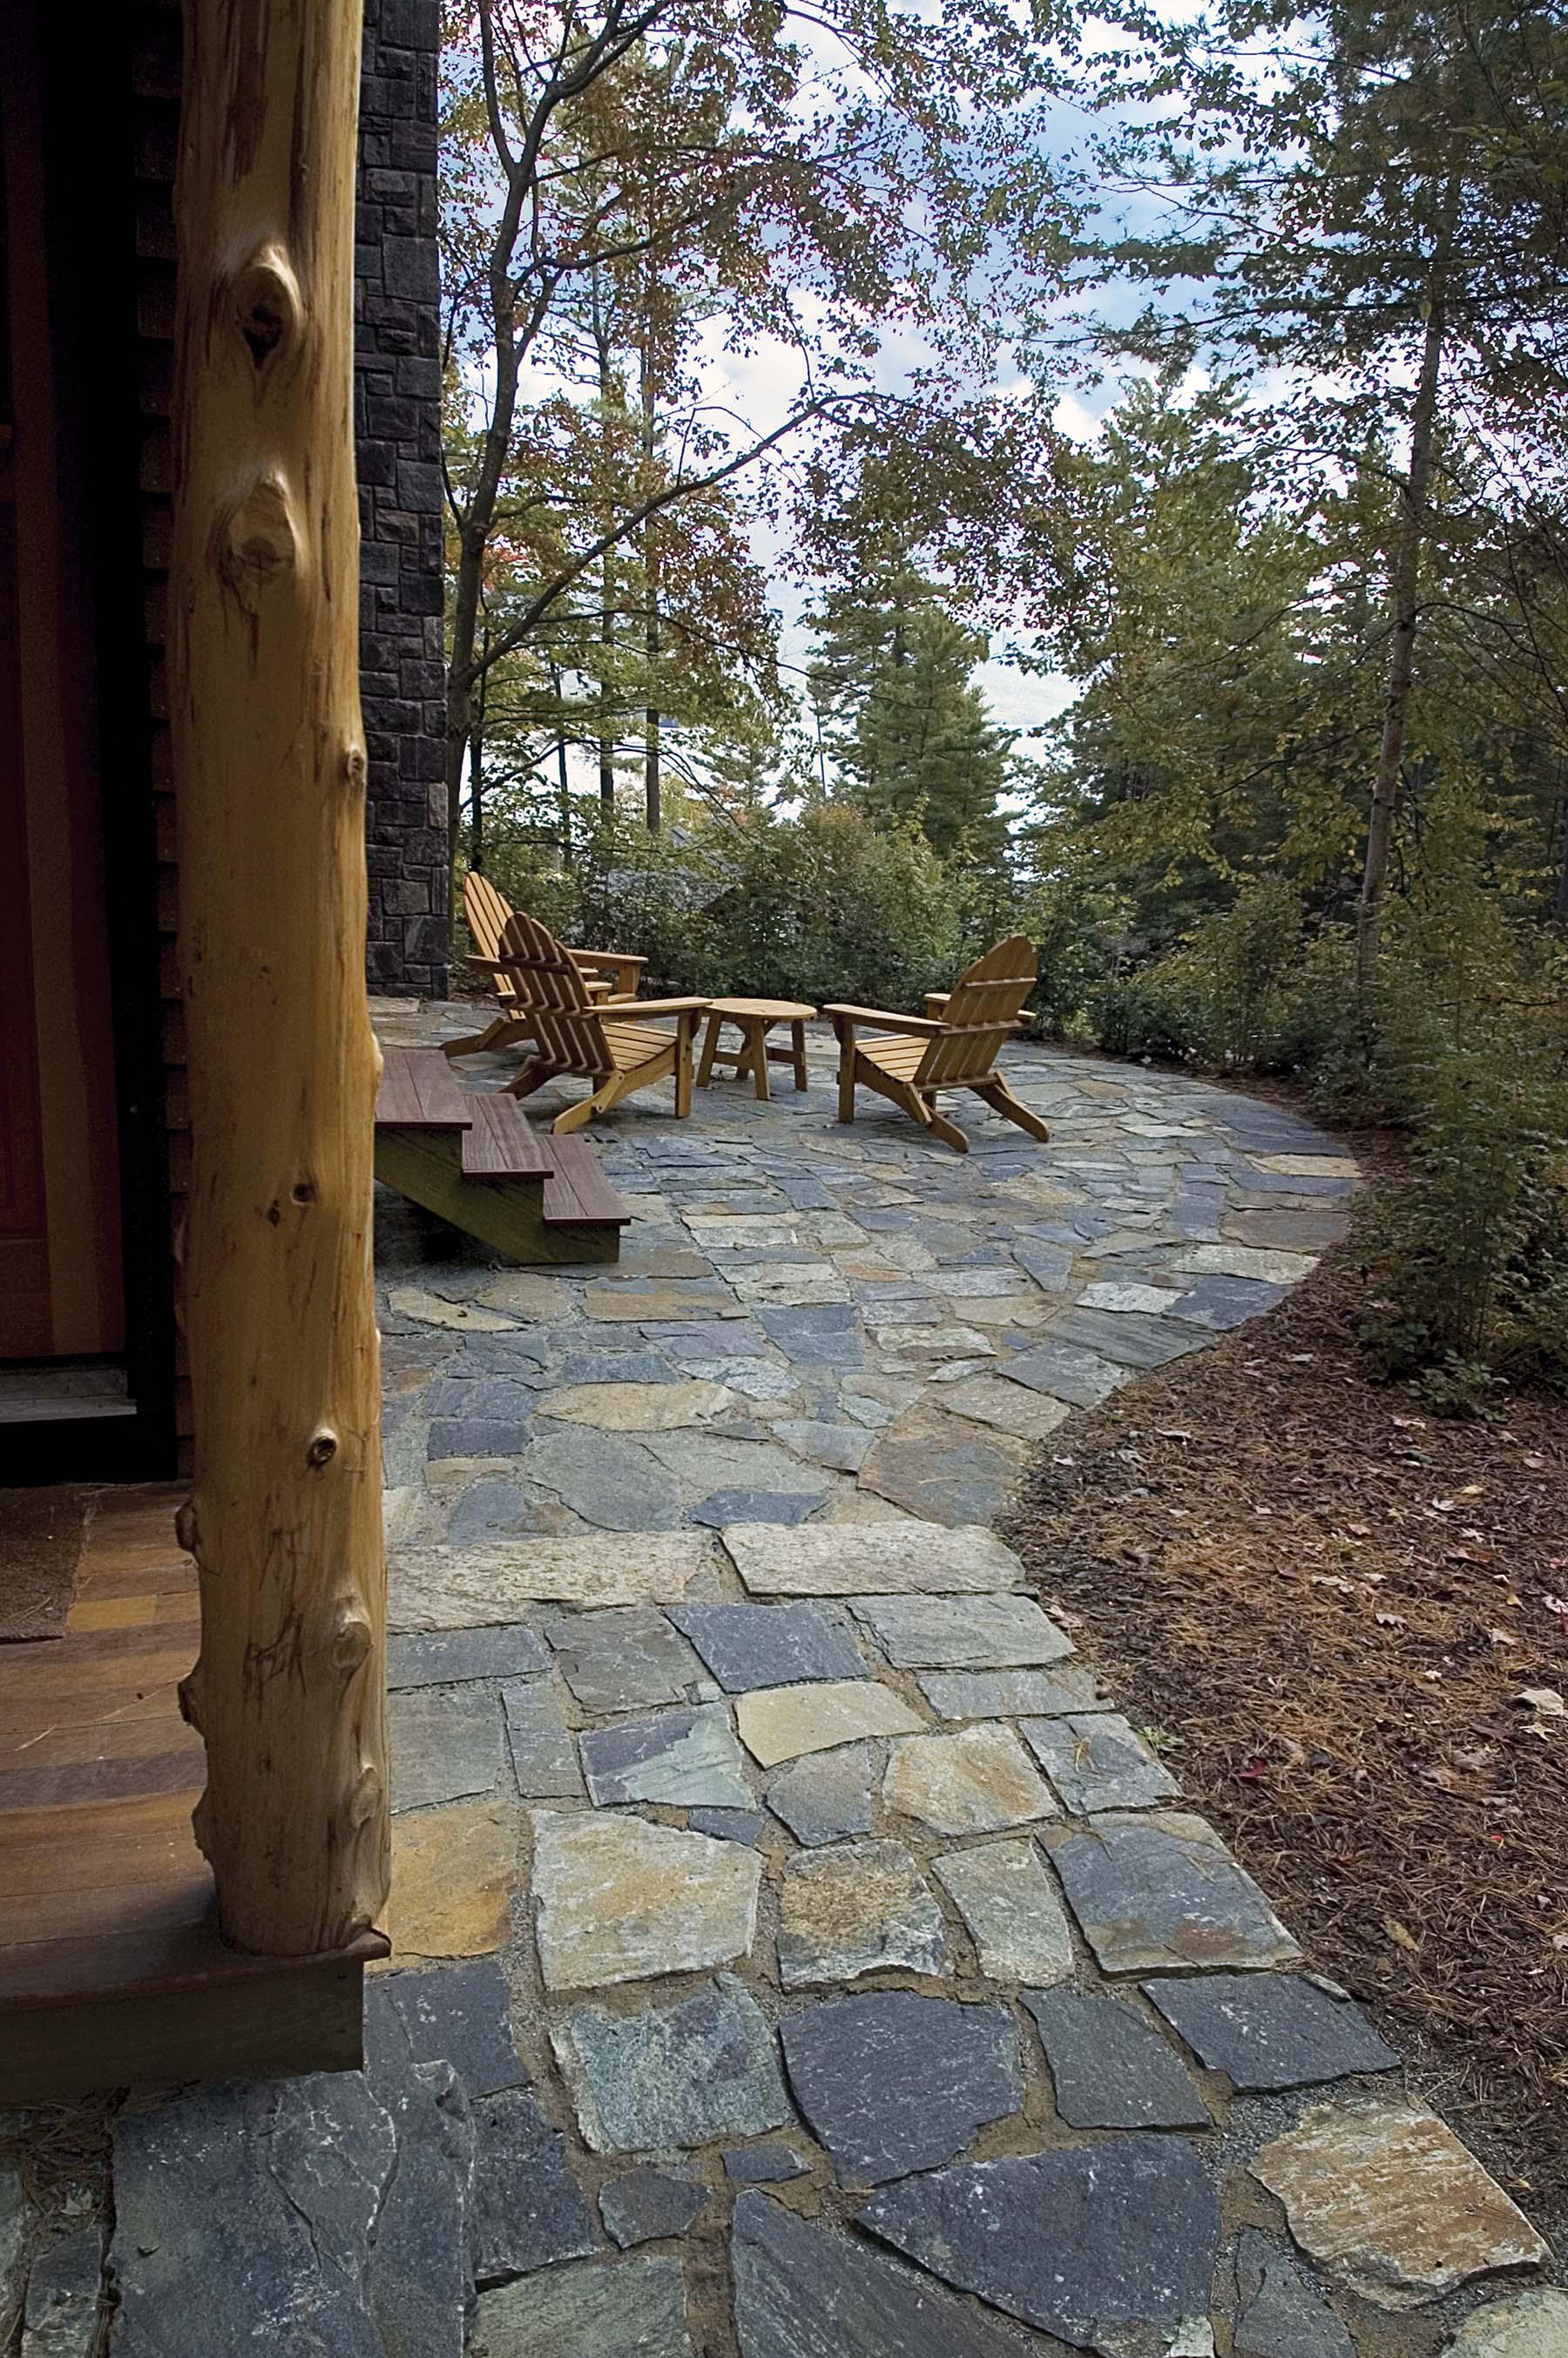 Saaratoga granite natural stone walkway and patio